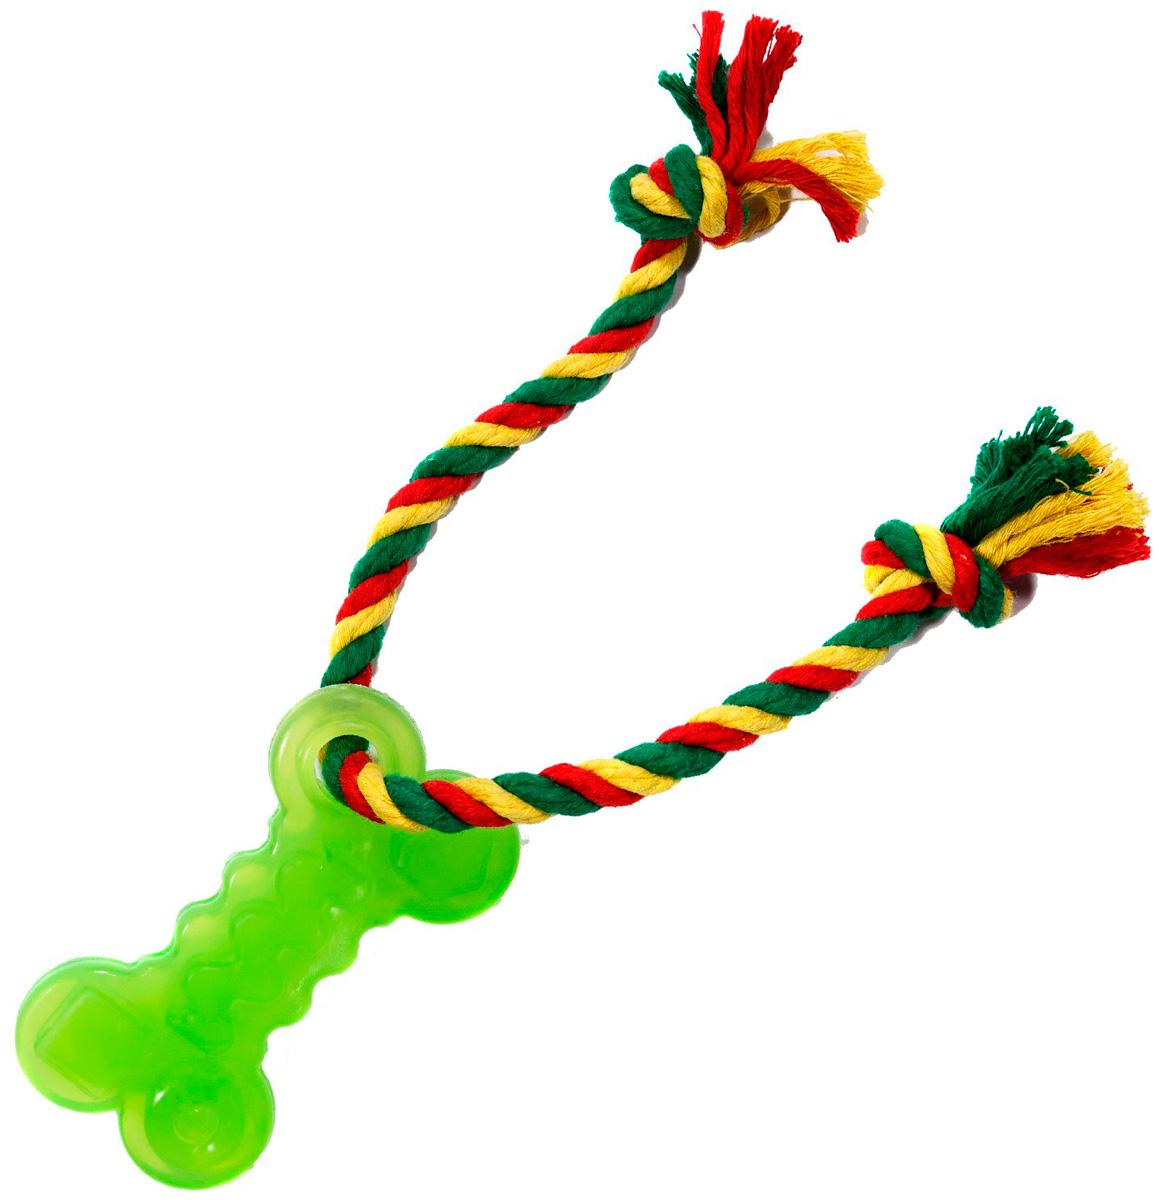 Игрушка для собак Doglike Кость с канатом зеленая малая (1 шт)